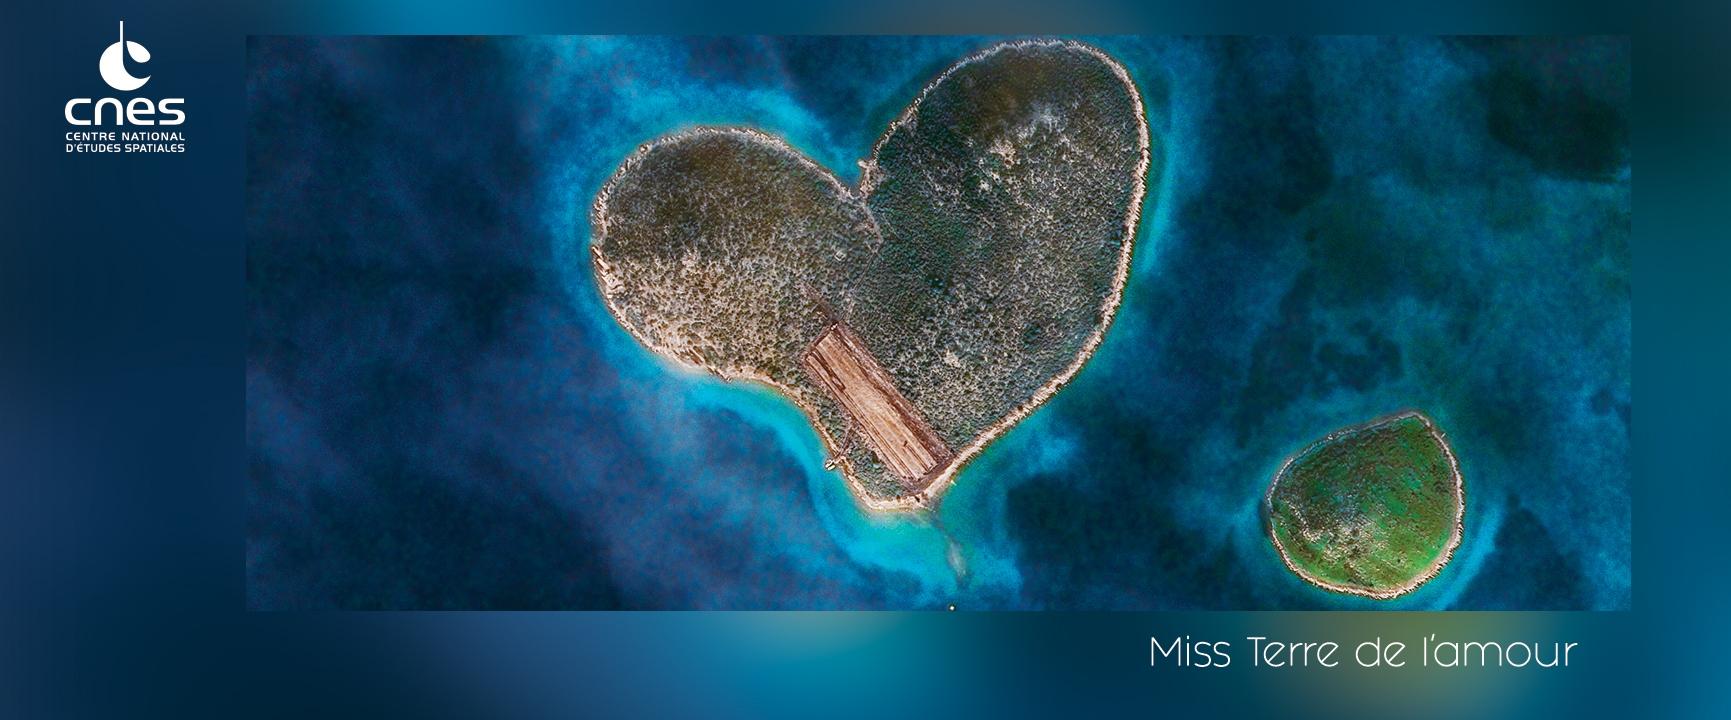 Miss Terre de l'amour